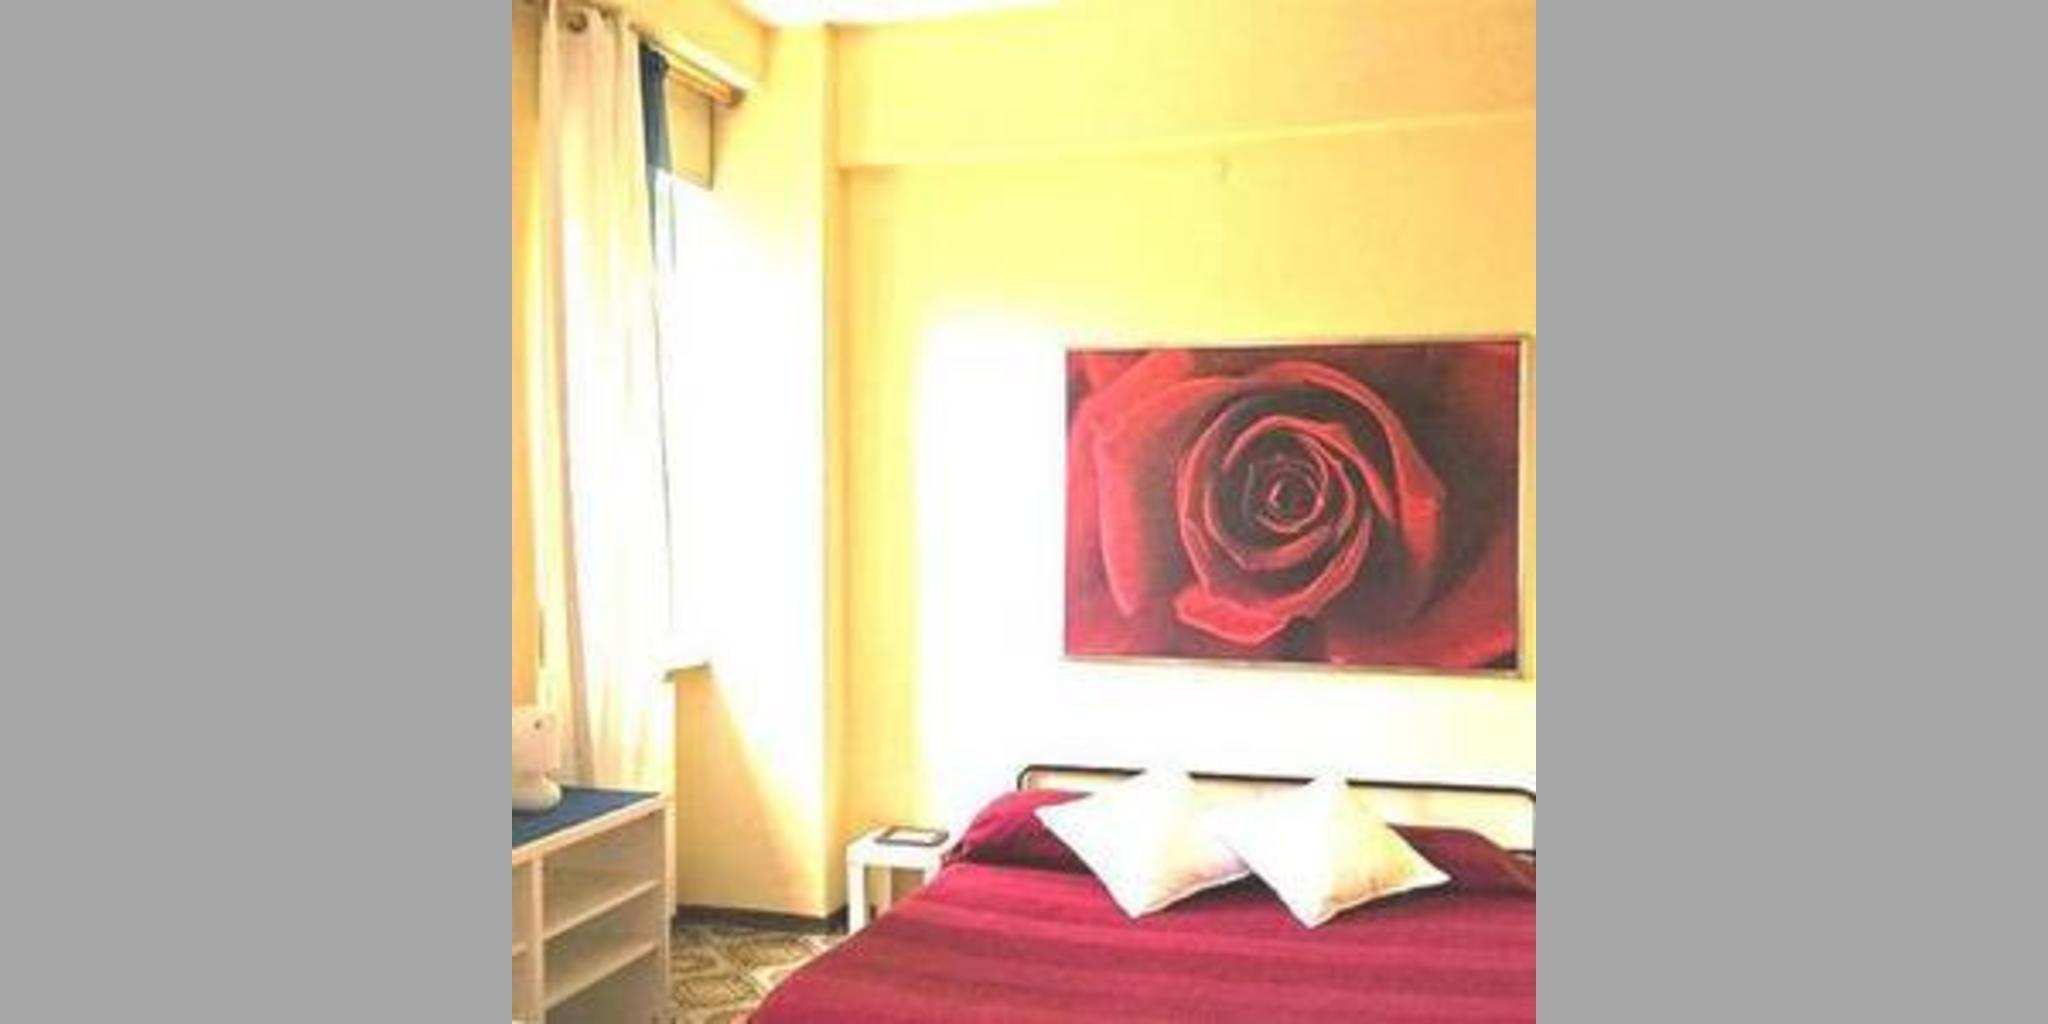 Bed & Breakfast Falconara Marittima - Falconara Marittima